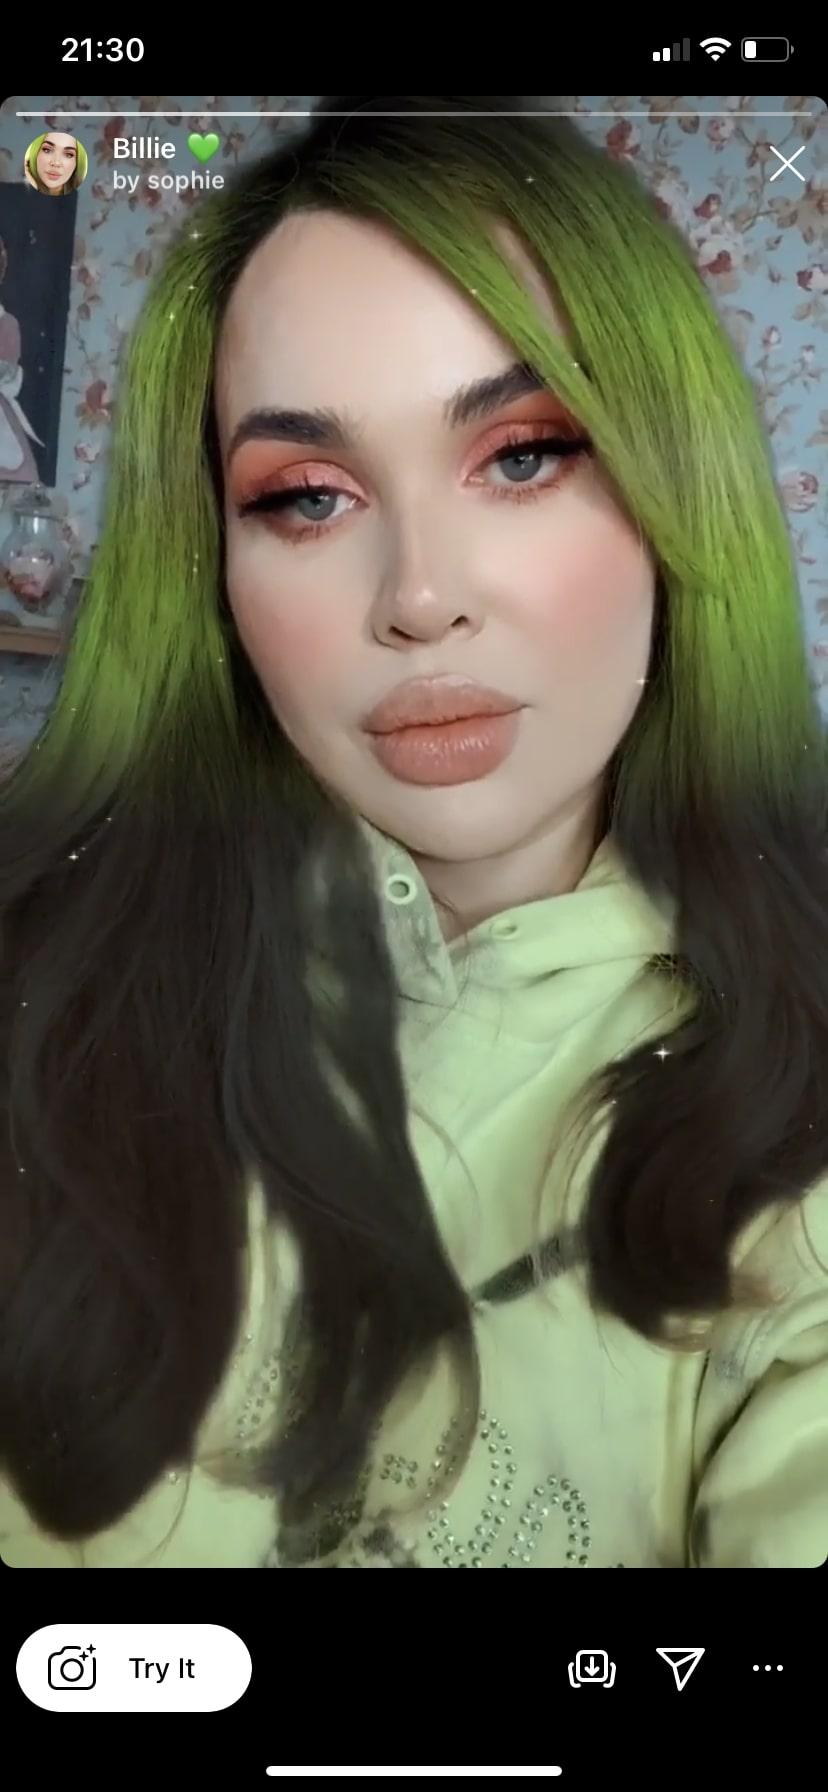 Billie 💚 by @sophie Instagram hair color filter